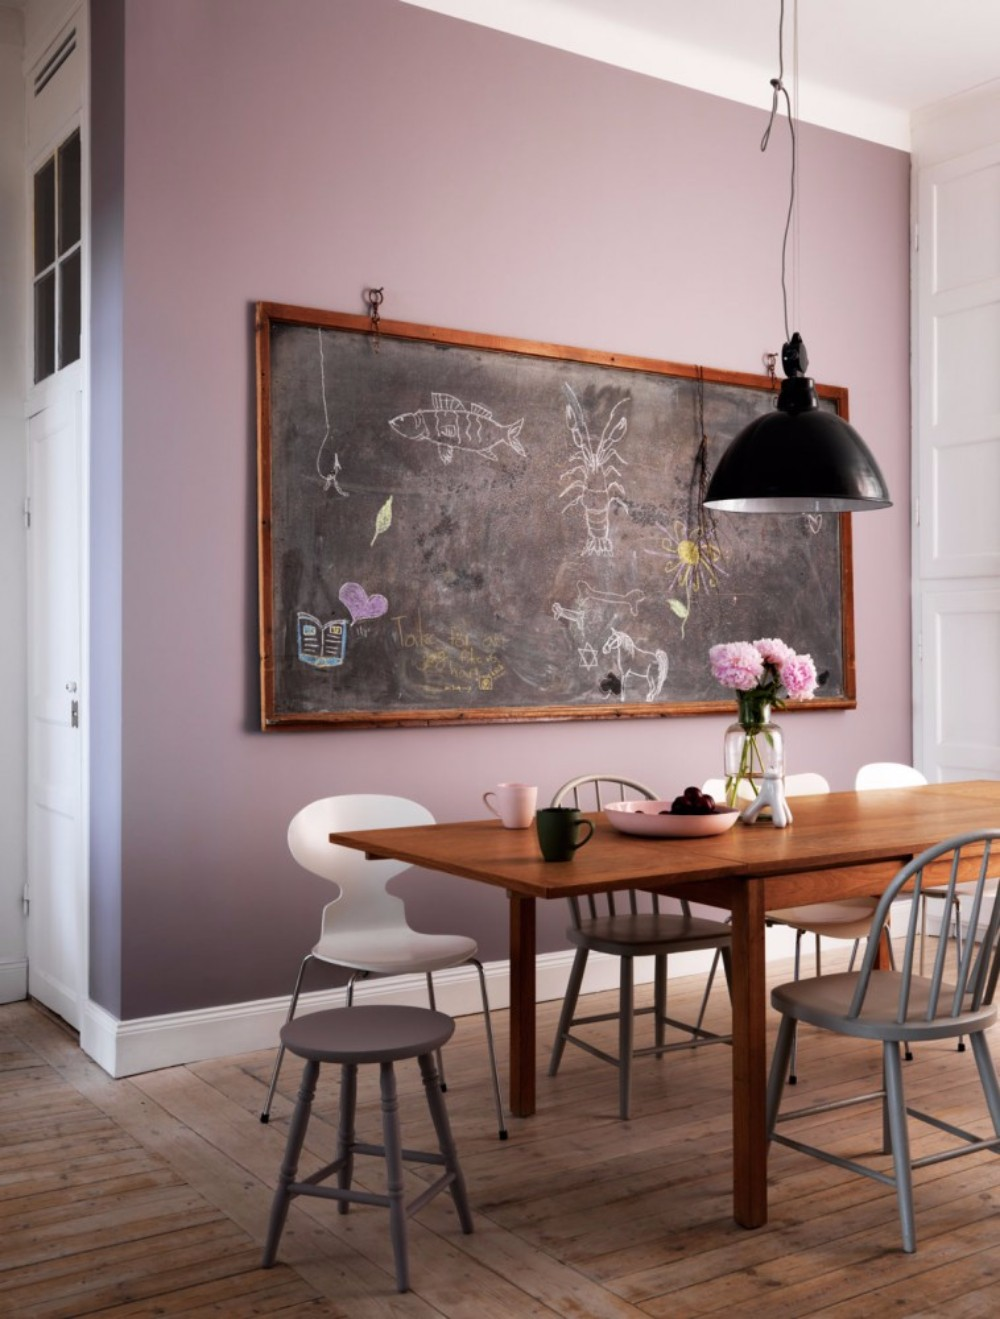 chalkboard 10 Chalkboard Dining Room Designs 2012 05 24 J77 0008 0111